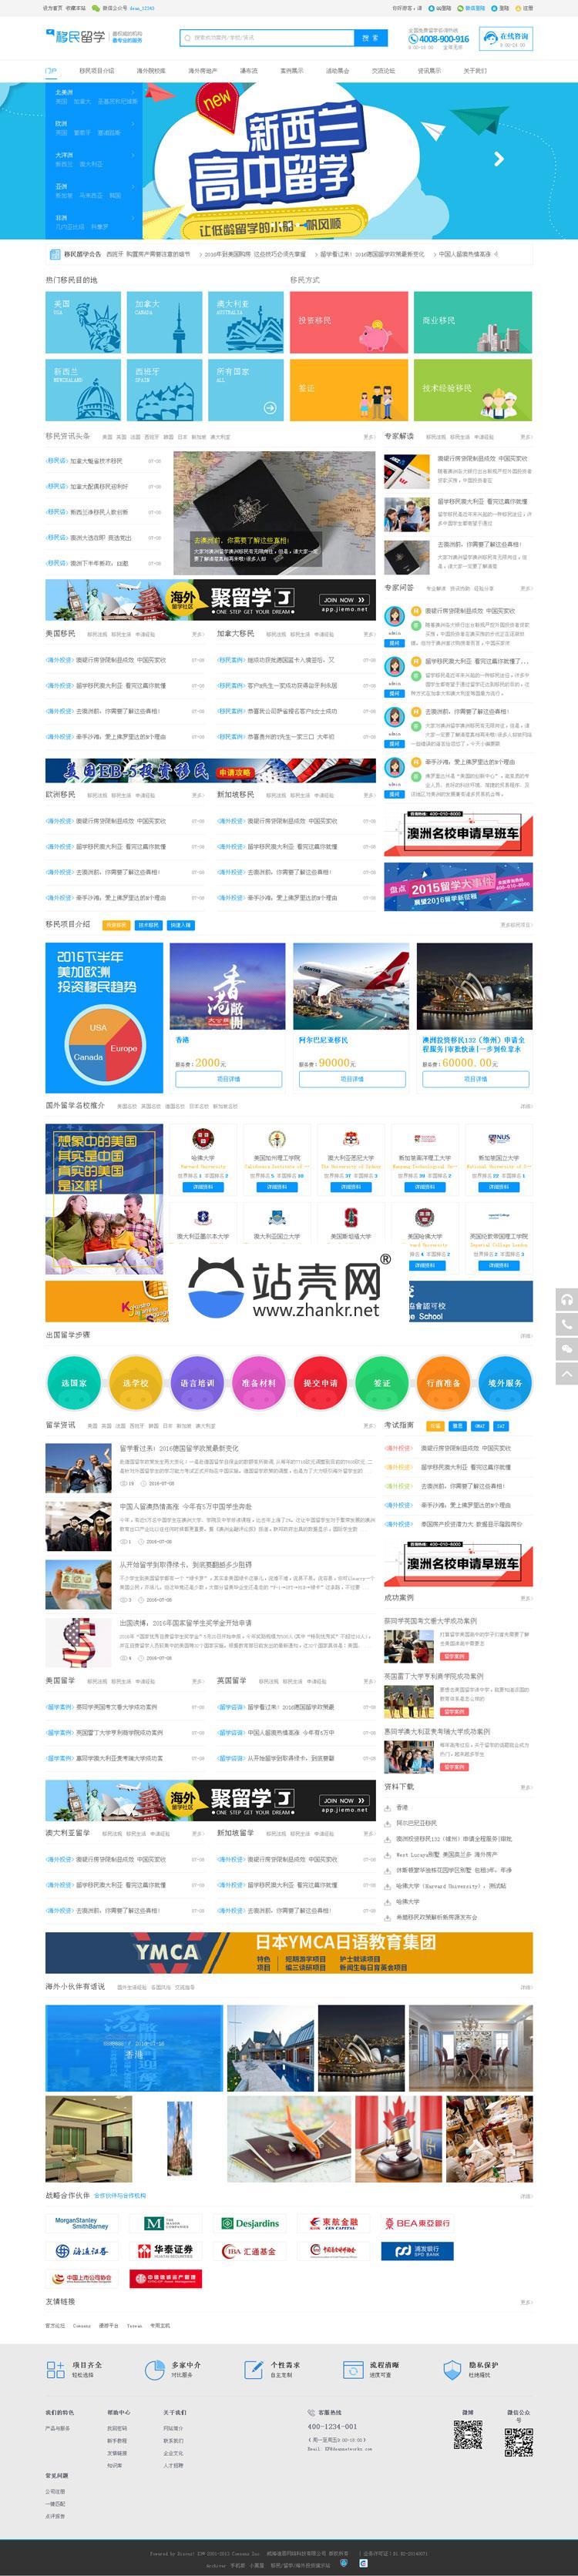 Discuz x3.2模板 迪恩 留学移民海外投资企业教育培训机构 商业版 GBK_源码下载插图